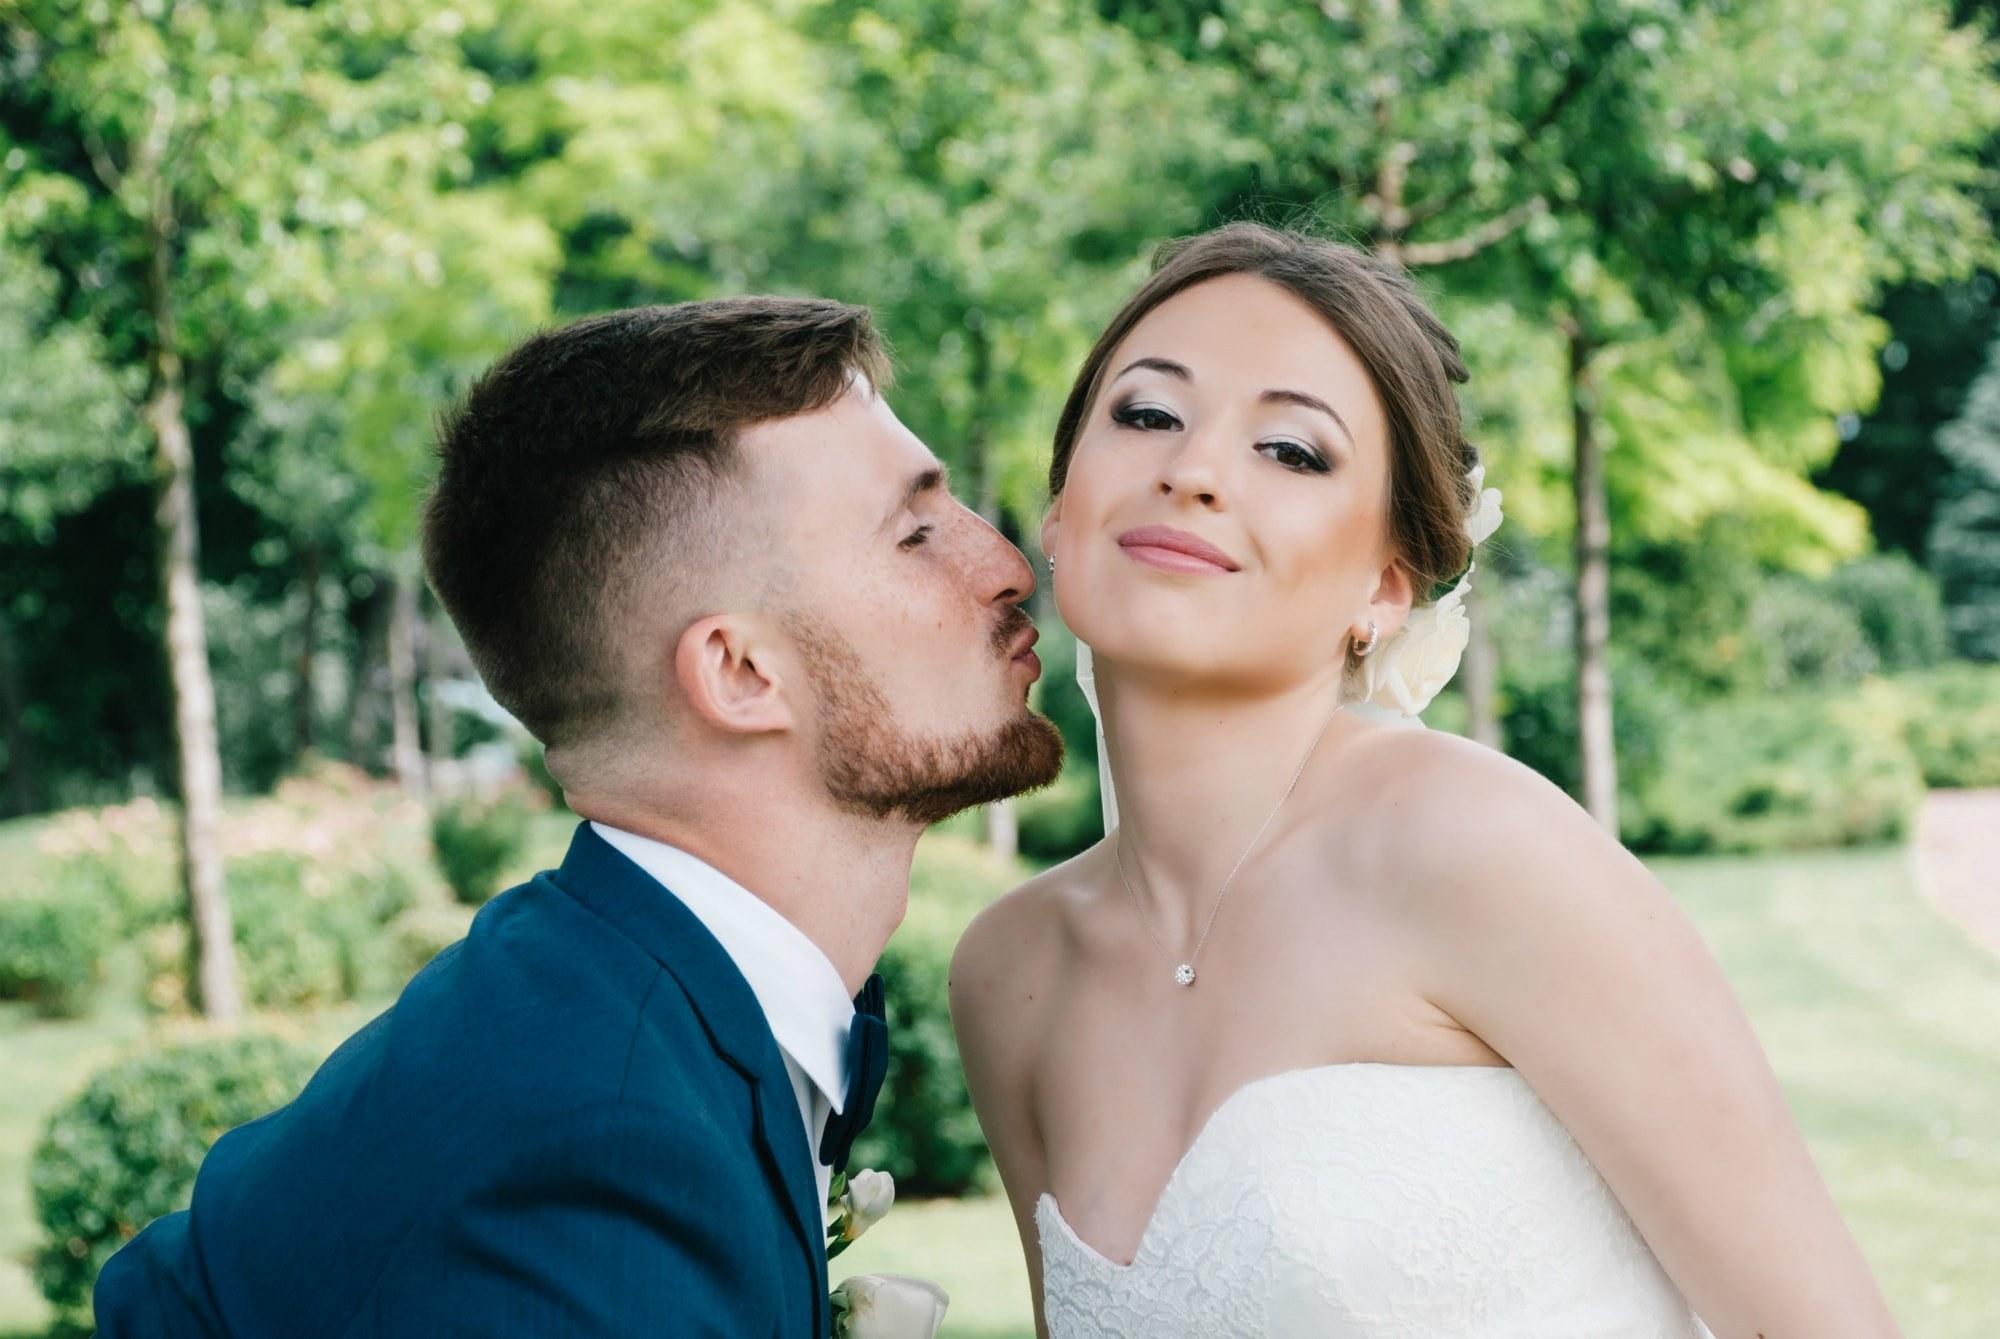 Поцелуй в щечку - Фотограф Киев - Женя Лайт